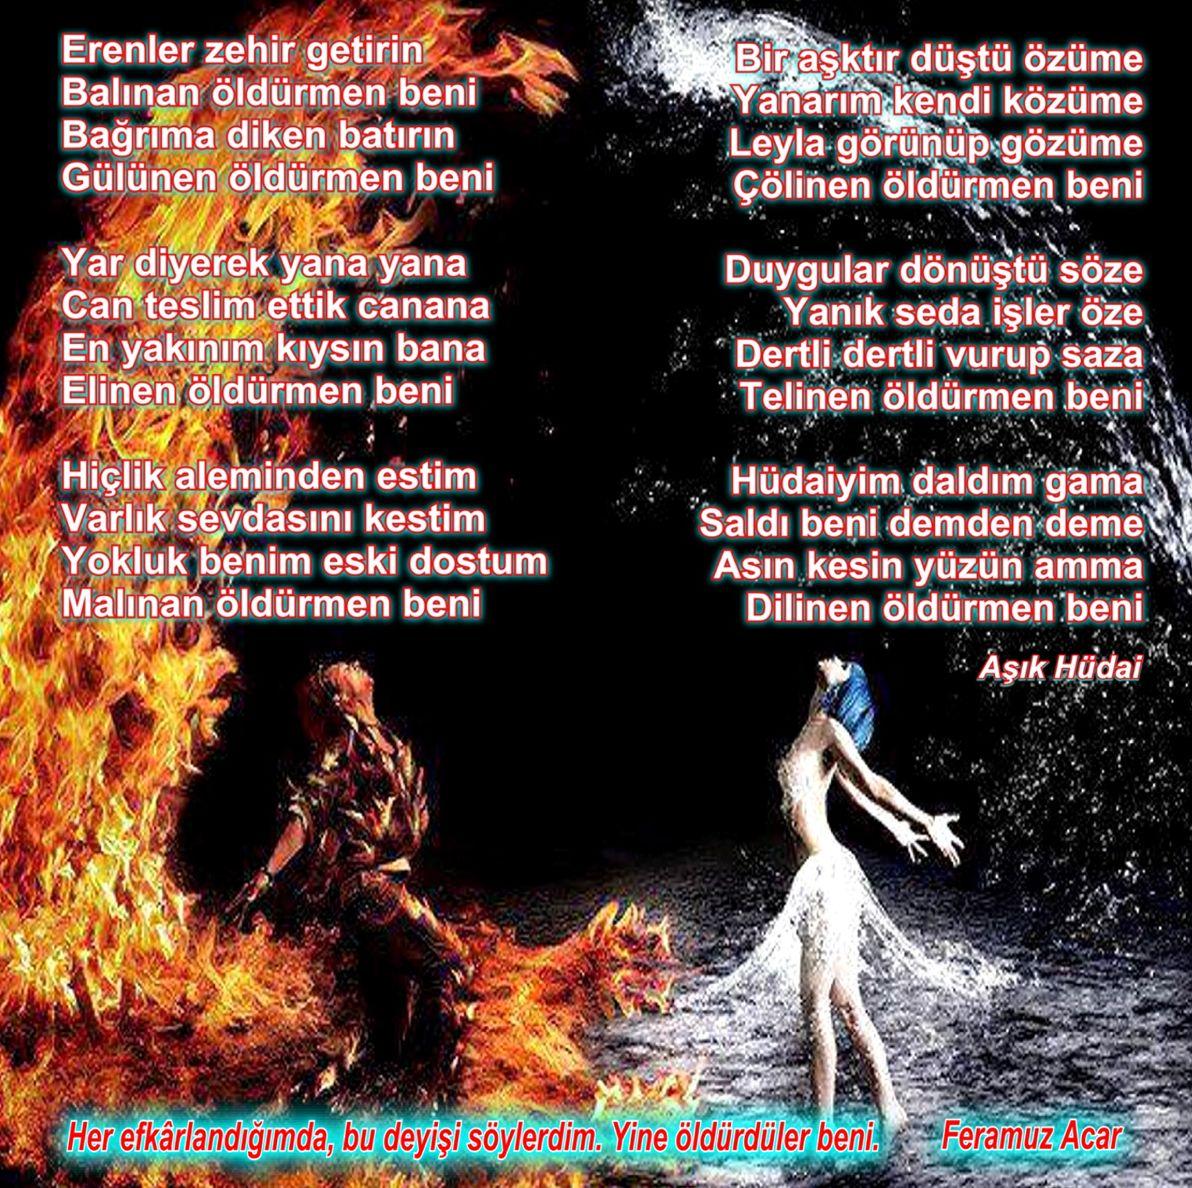 Devrimci Aleviler Birliği DAB Alevi Kızılbaş Bektaşi pir sultan cem hz Ali 12 imam semah Feramuz Şah Acar öldürmenbeni